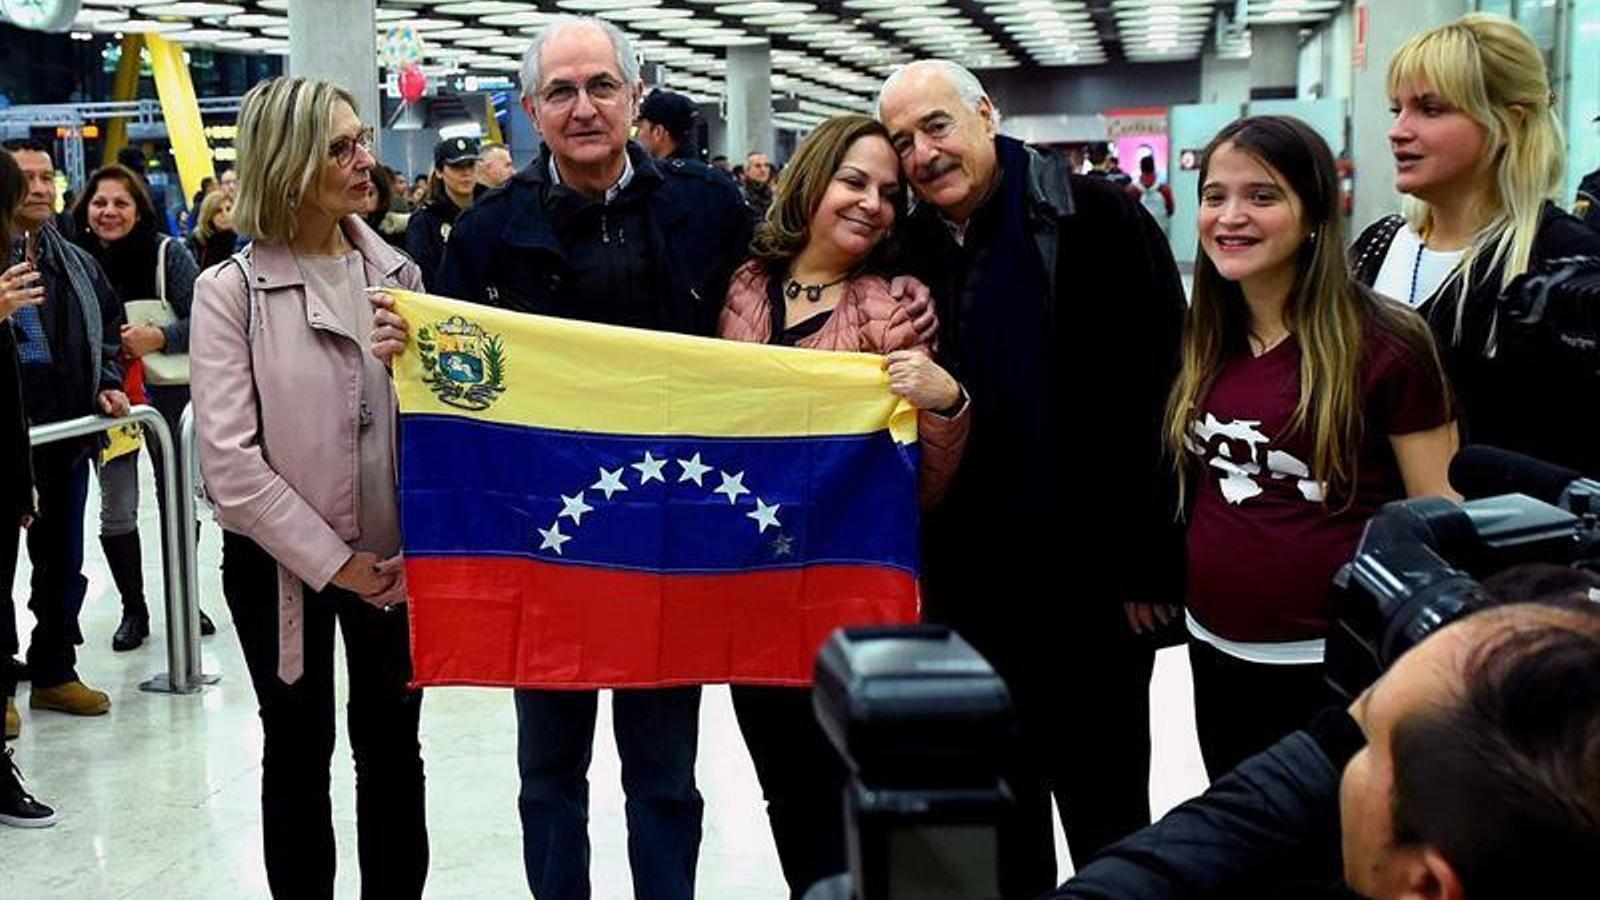 Antonio Ledezma subjecta la bandera veneçolana, acompanyat de la seva família i l'expresident Pastrana, a la seva arribada a l'aeroport de Madrid.